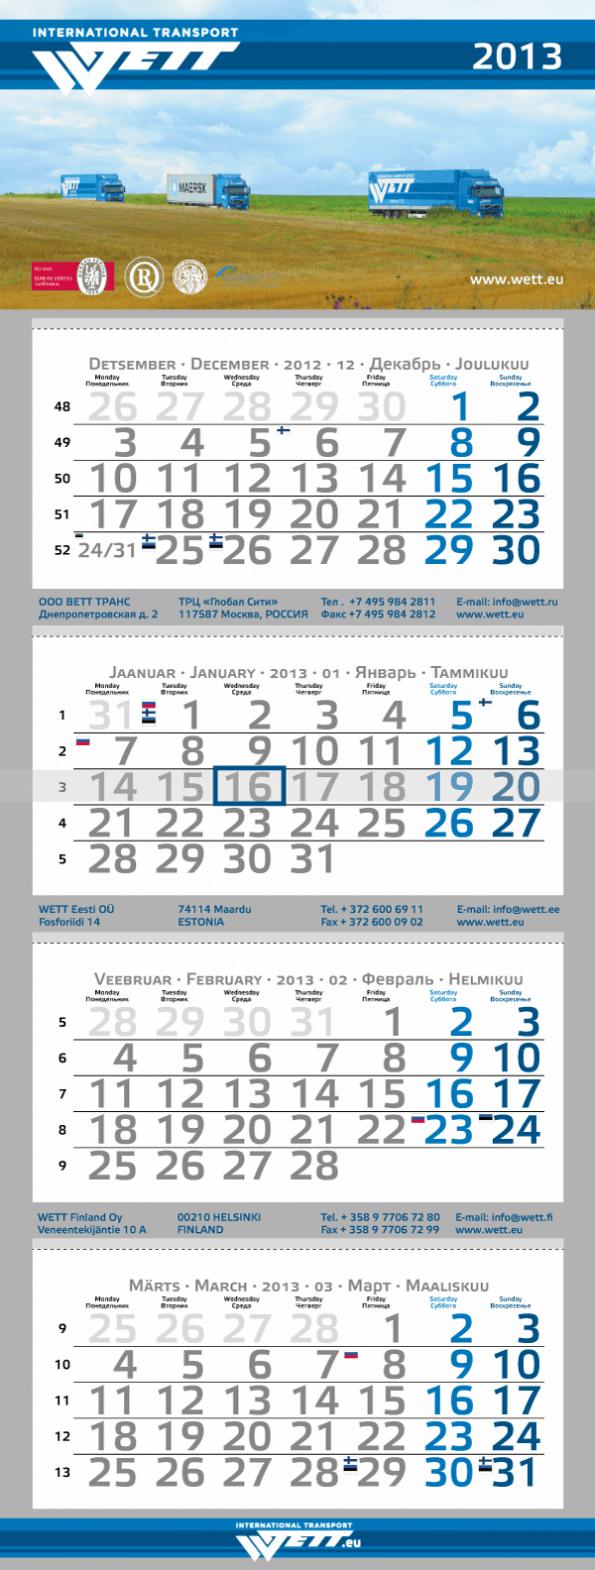 Wett_Calendar-2013-big